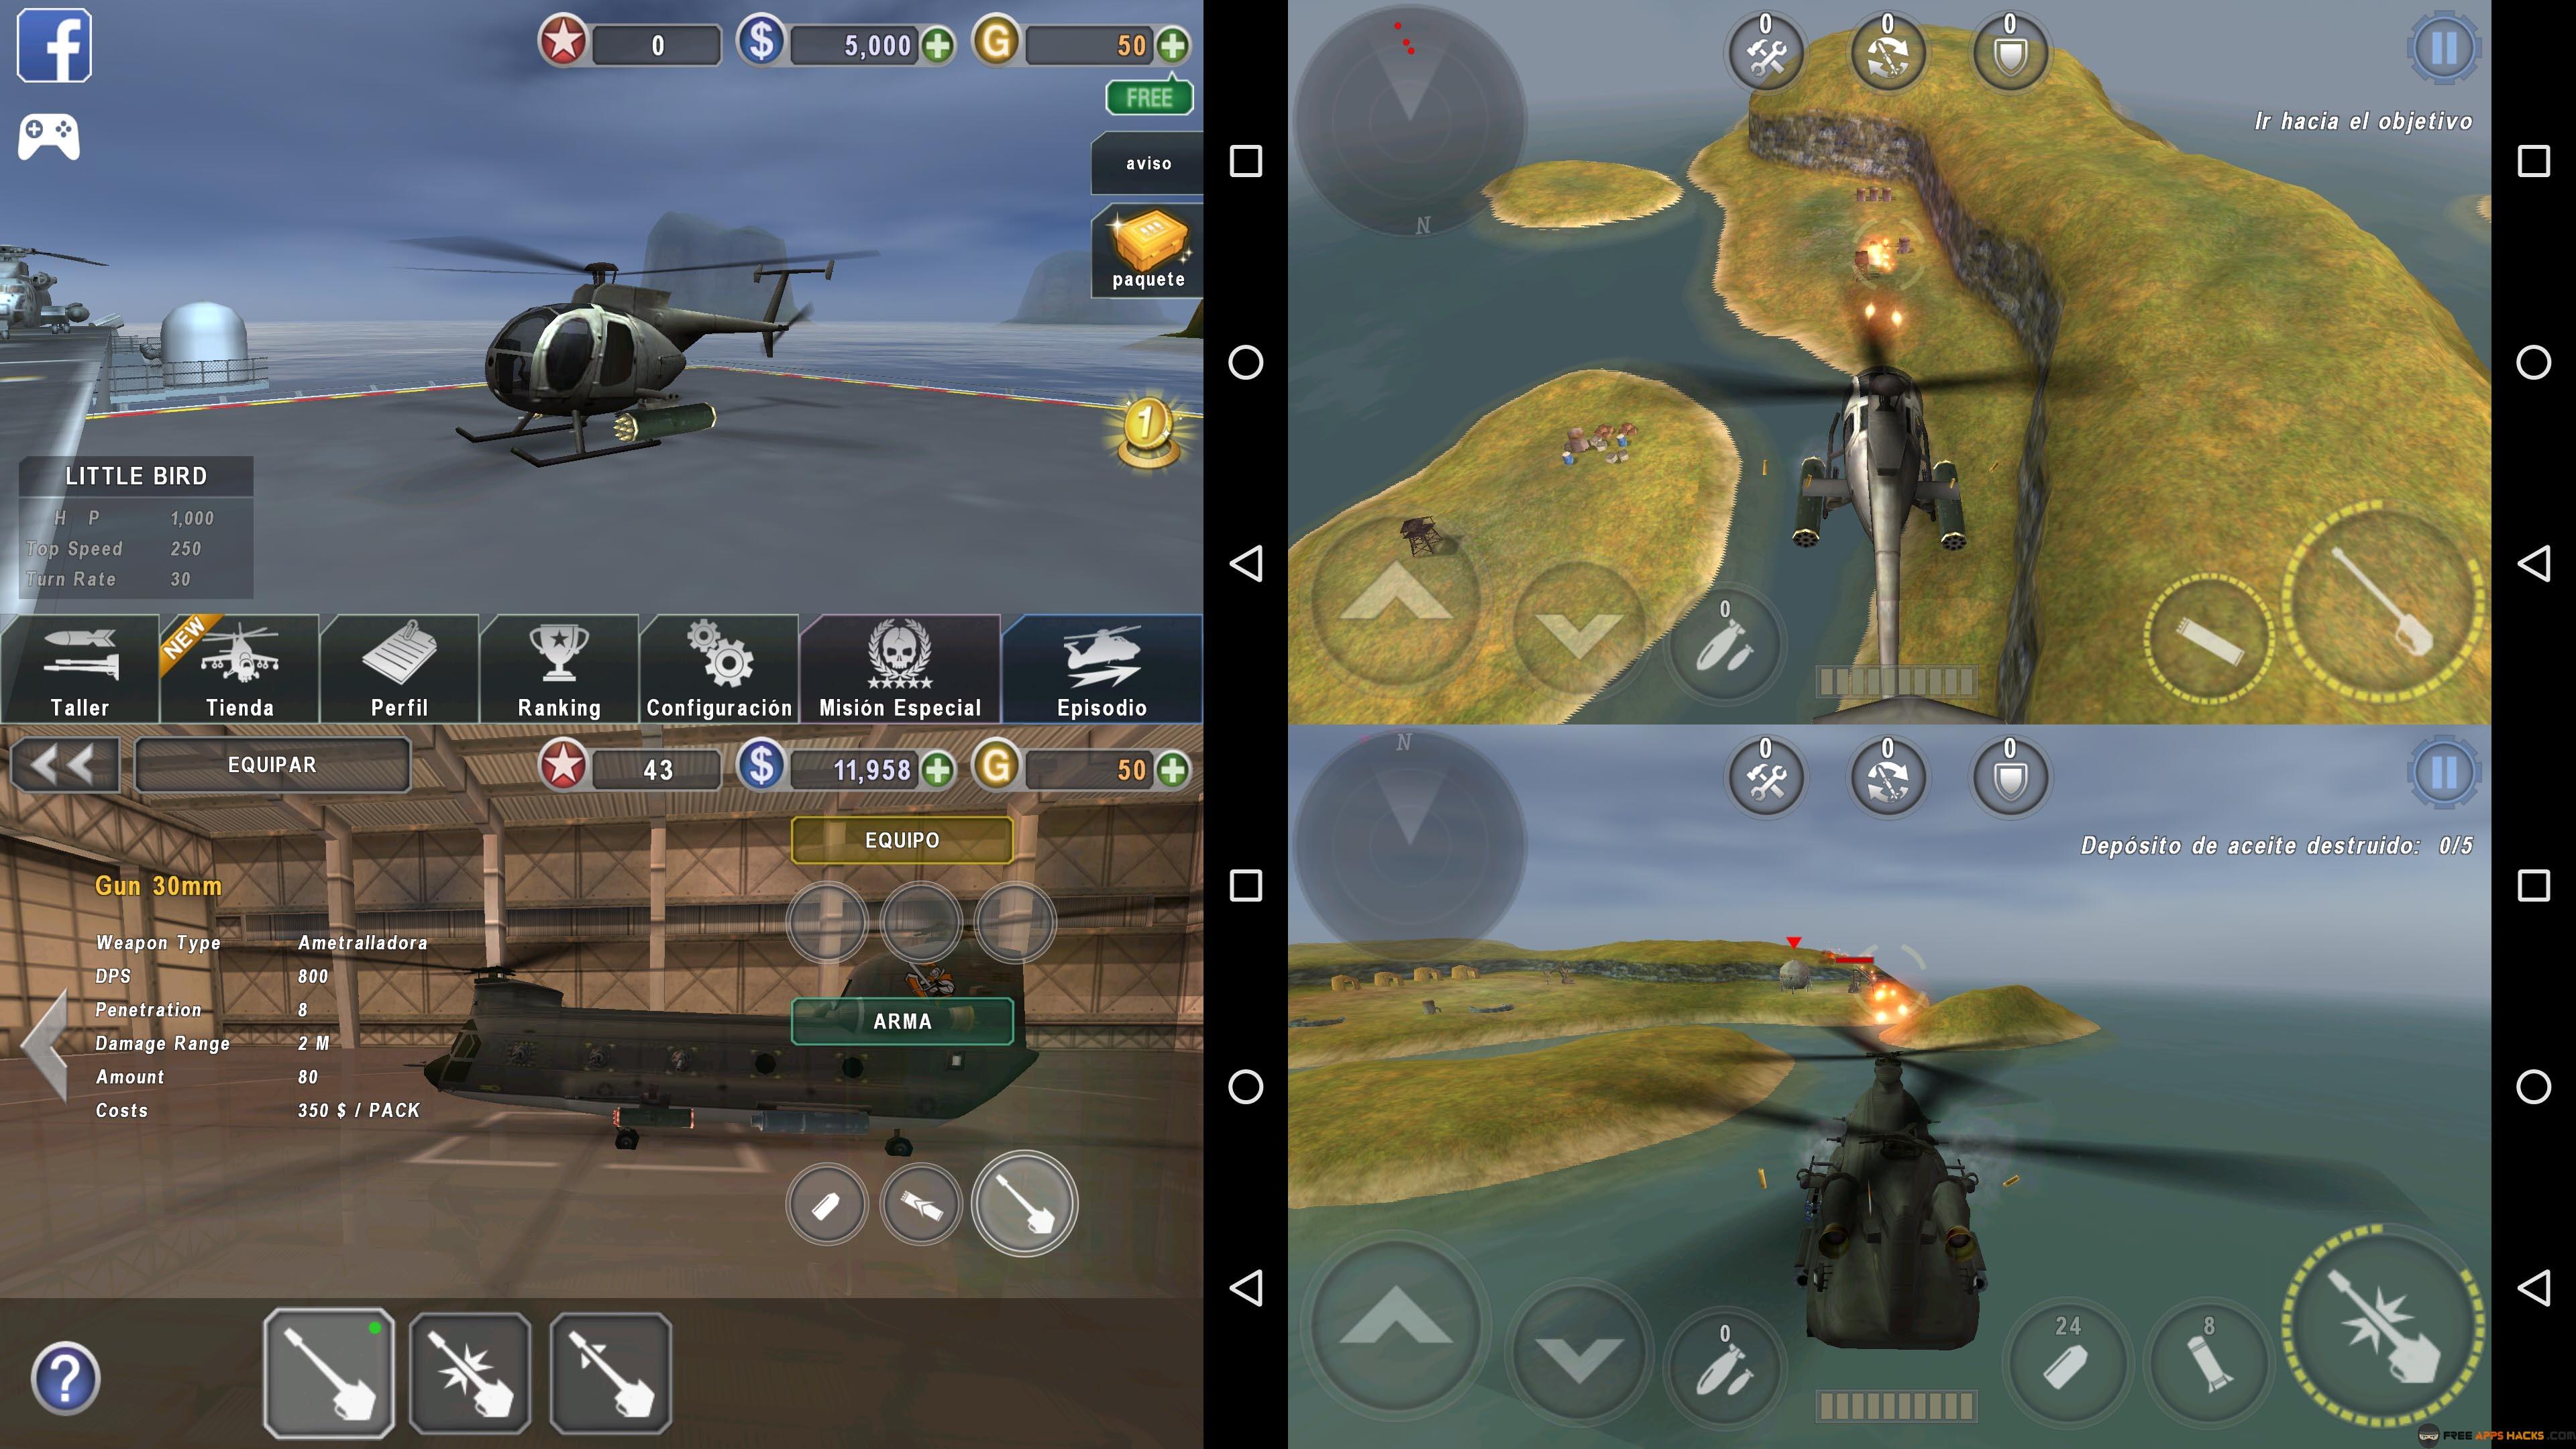 gunship battle 3d helicopter mod apk download